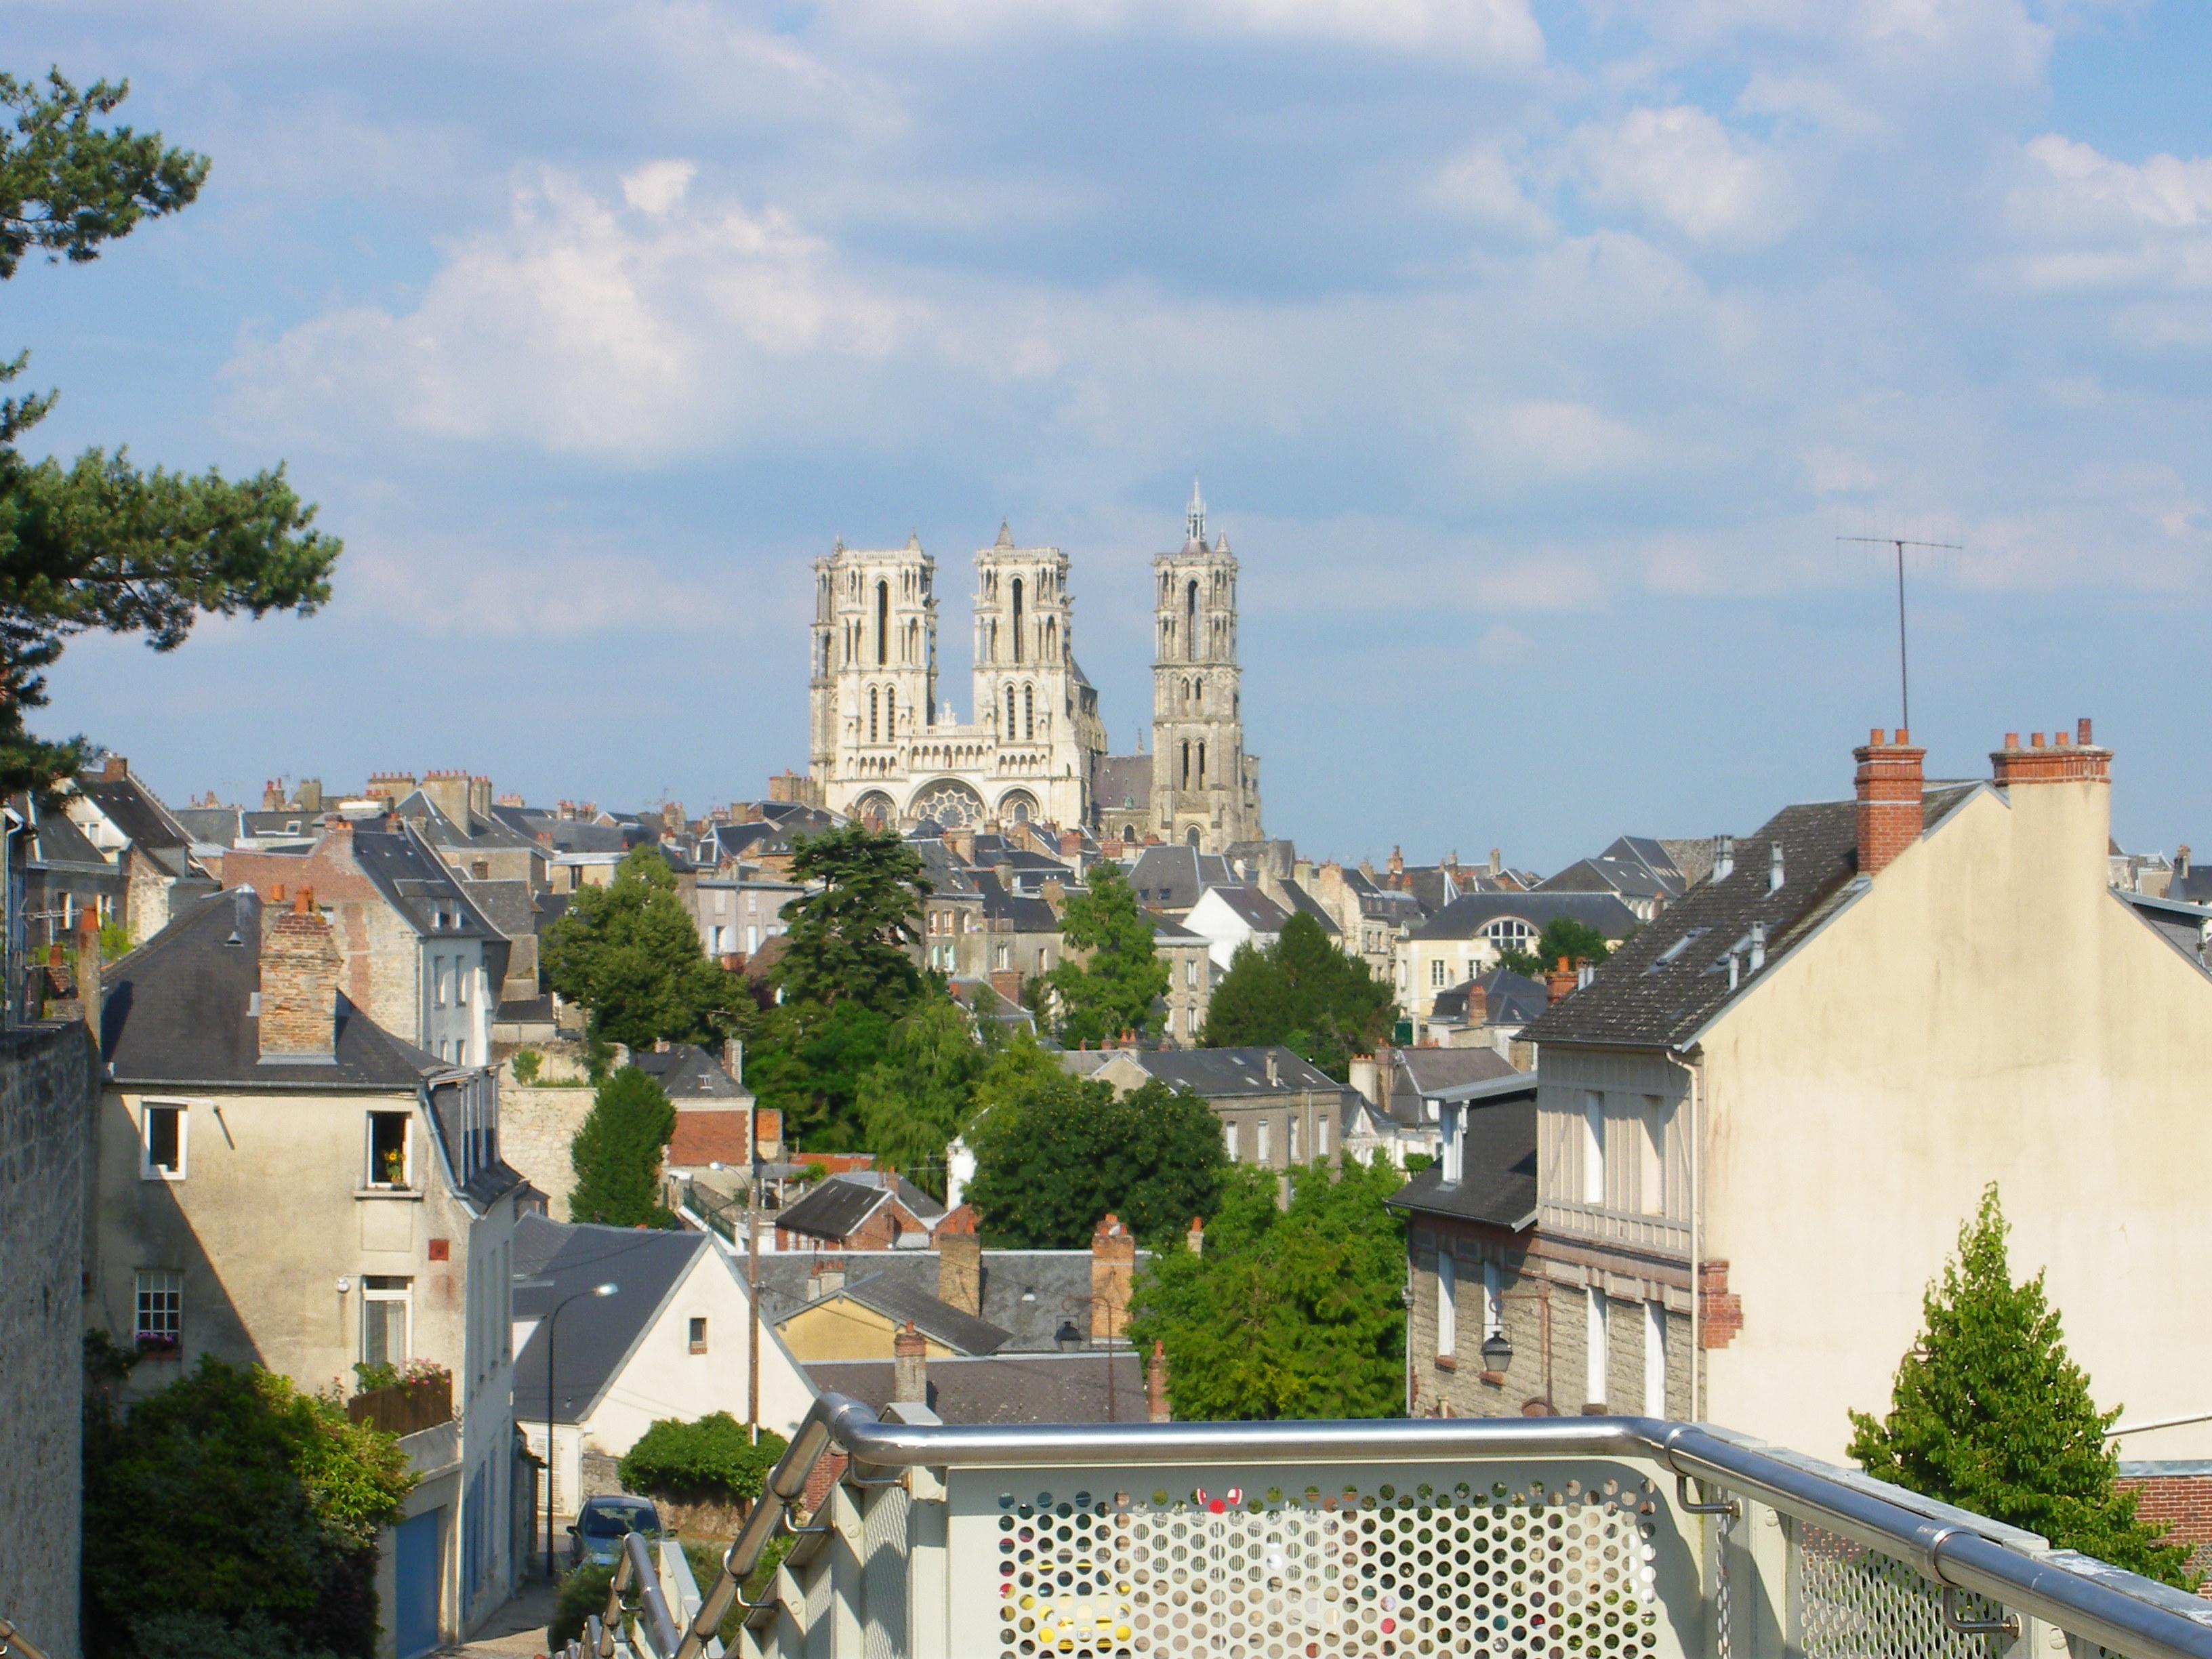 cathédrale < Laon < Aisne < Picardie